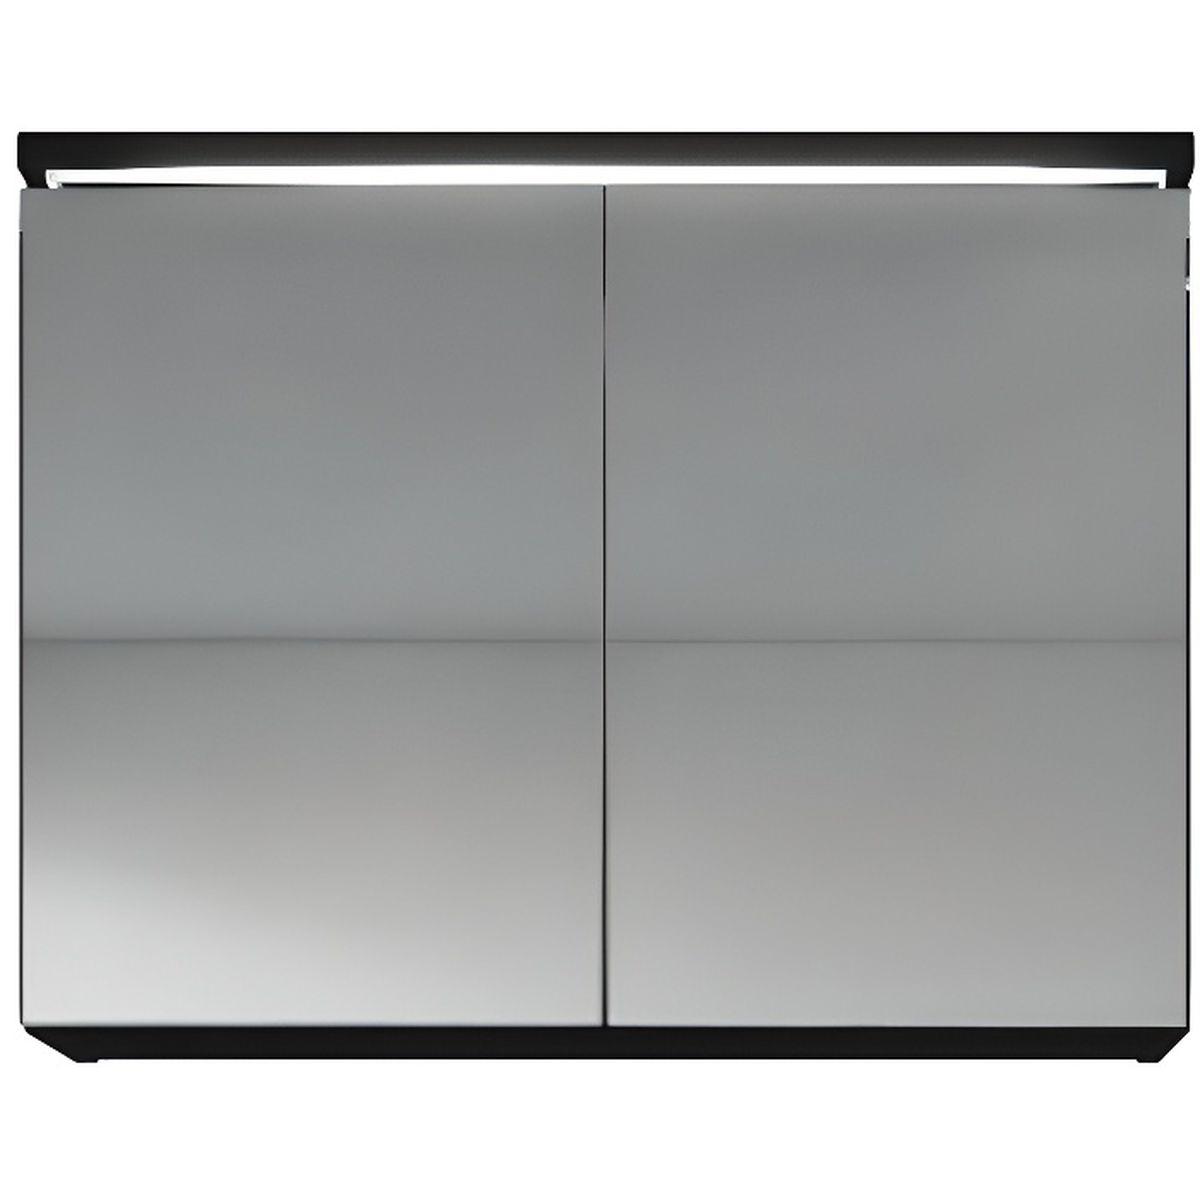 meuble miroir 80x50 cm noir brillance miroir armoire miroir salle de bains verre armoire de. Black Bedroom Furniture Sets. Home Design Ideas